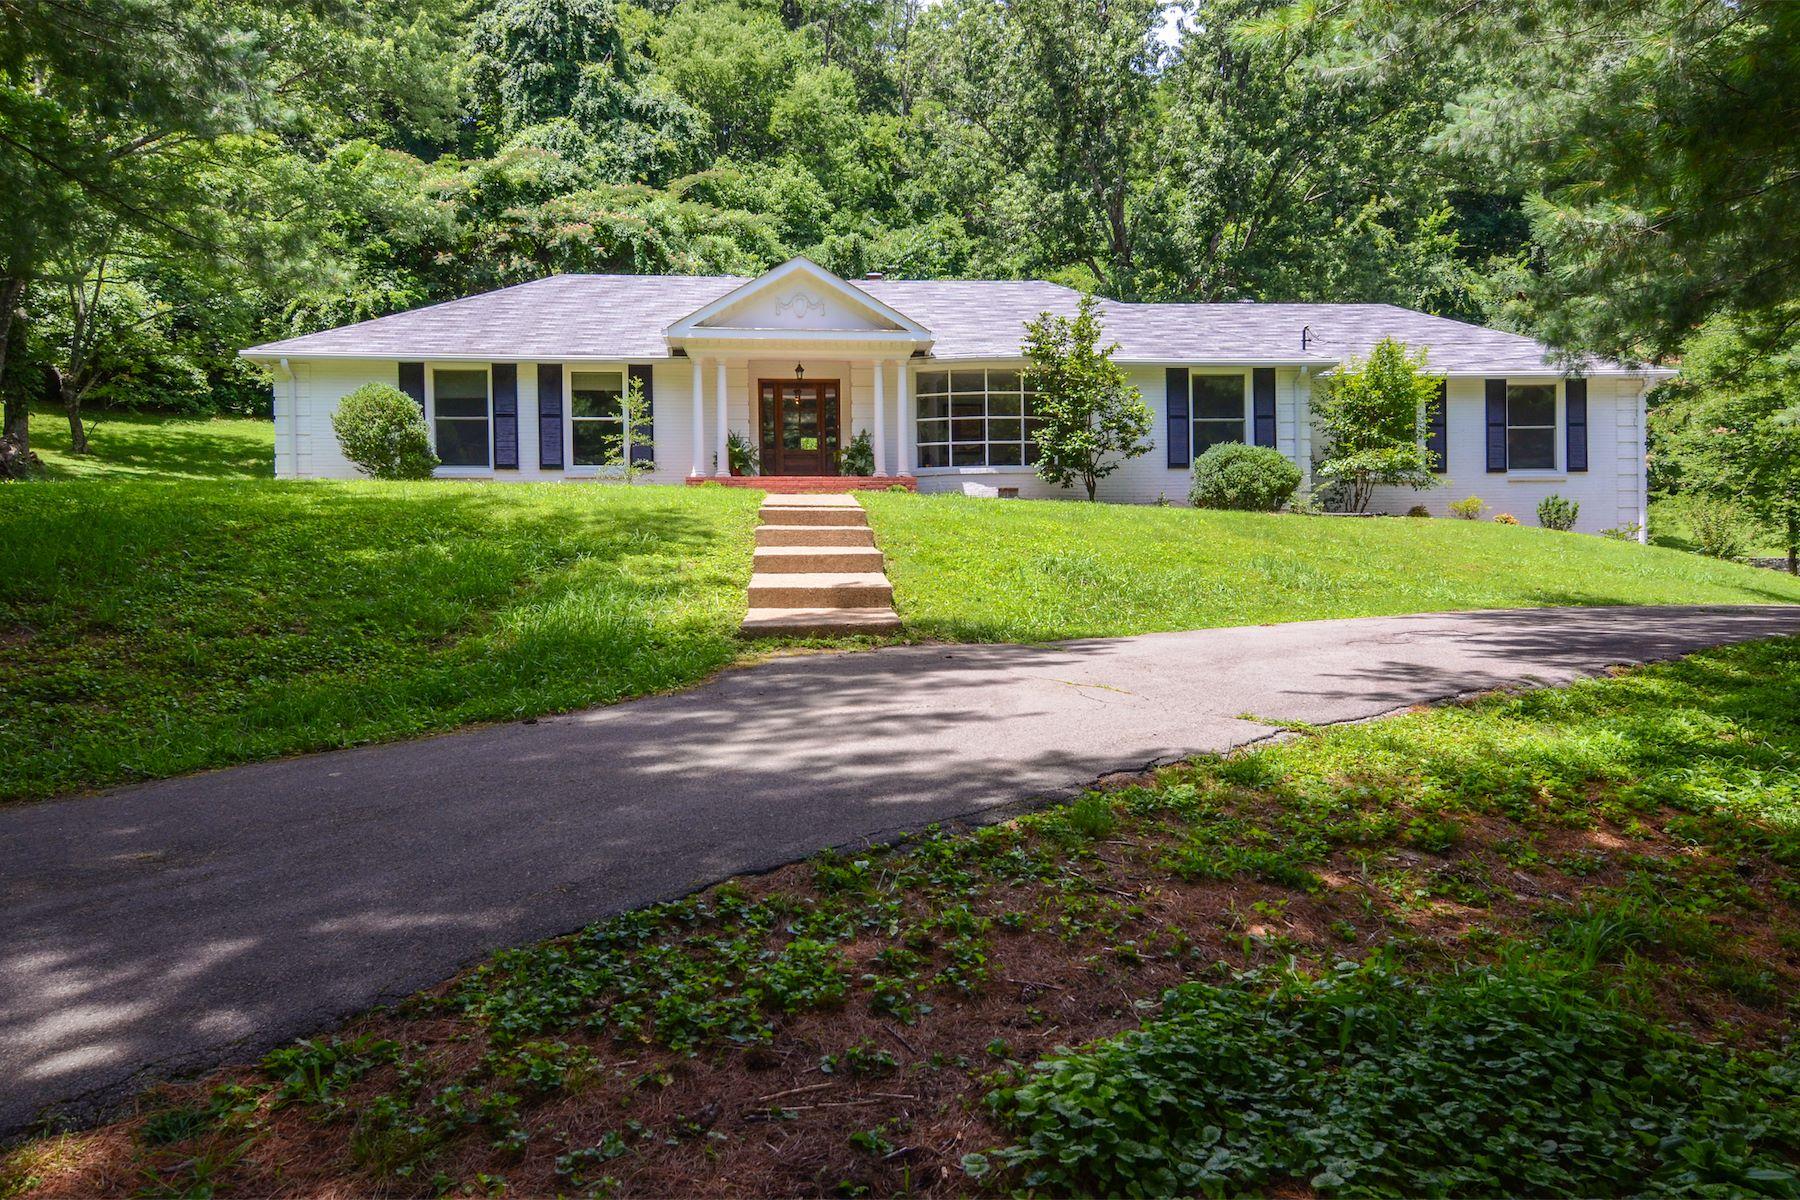 Einfamilienhaus für Verkauf beim Completely Renovated Ranch Home 6690 Clearbrook Drive Nashville, Tennessee, 37205 Vereinigte Staaten